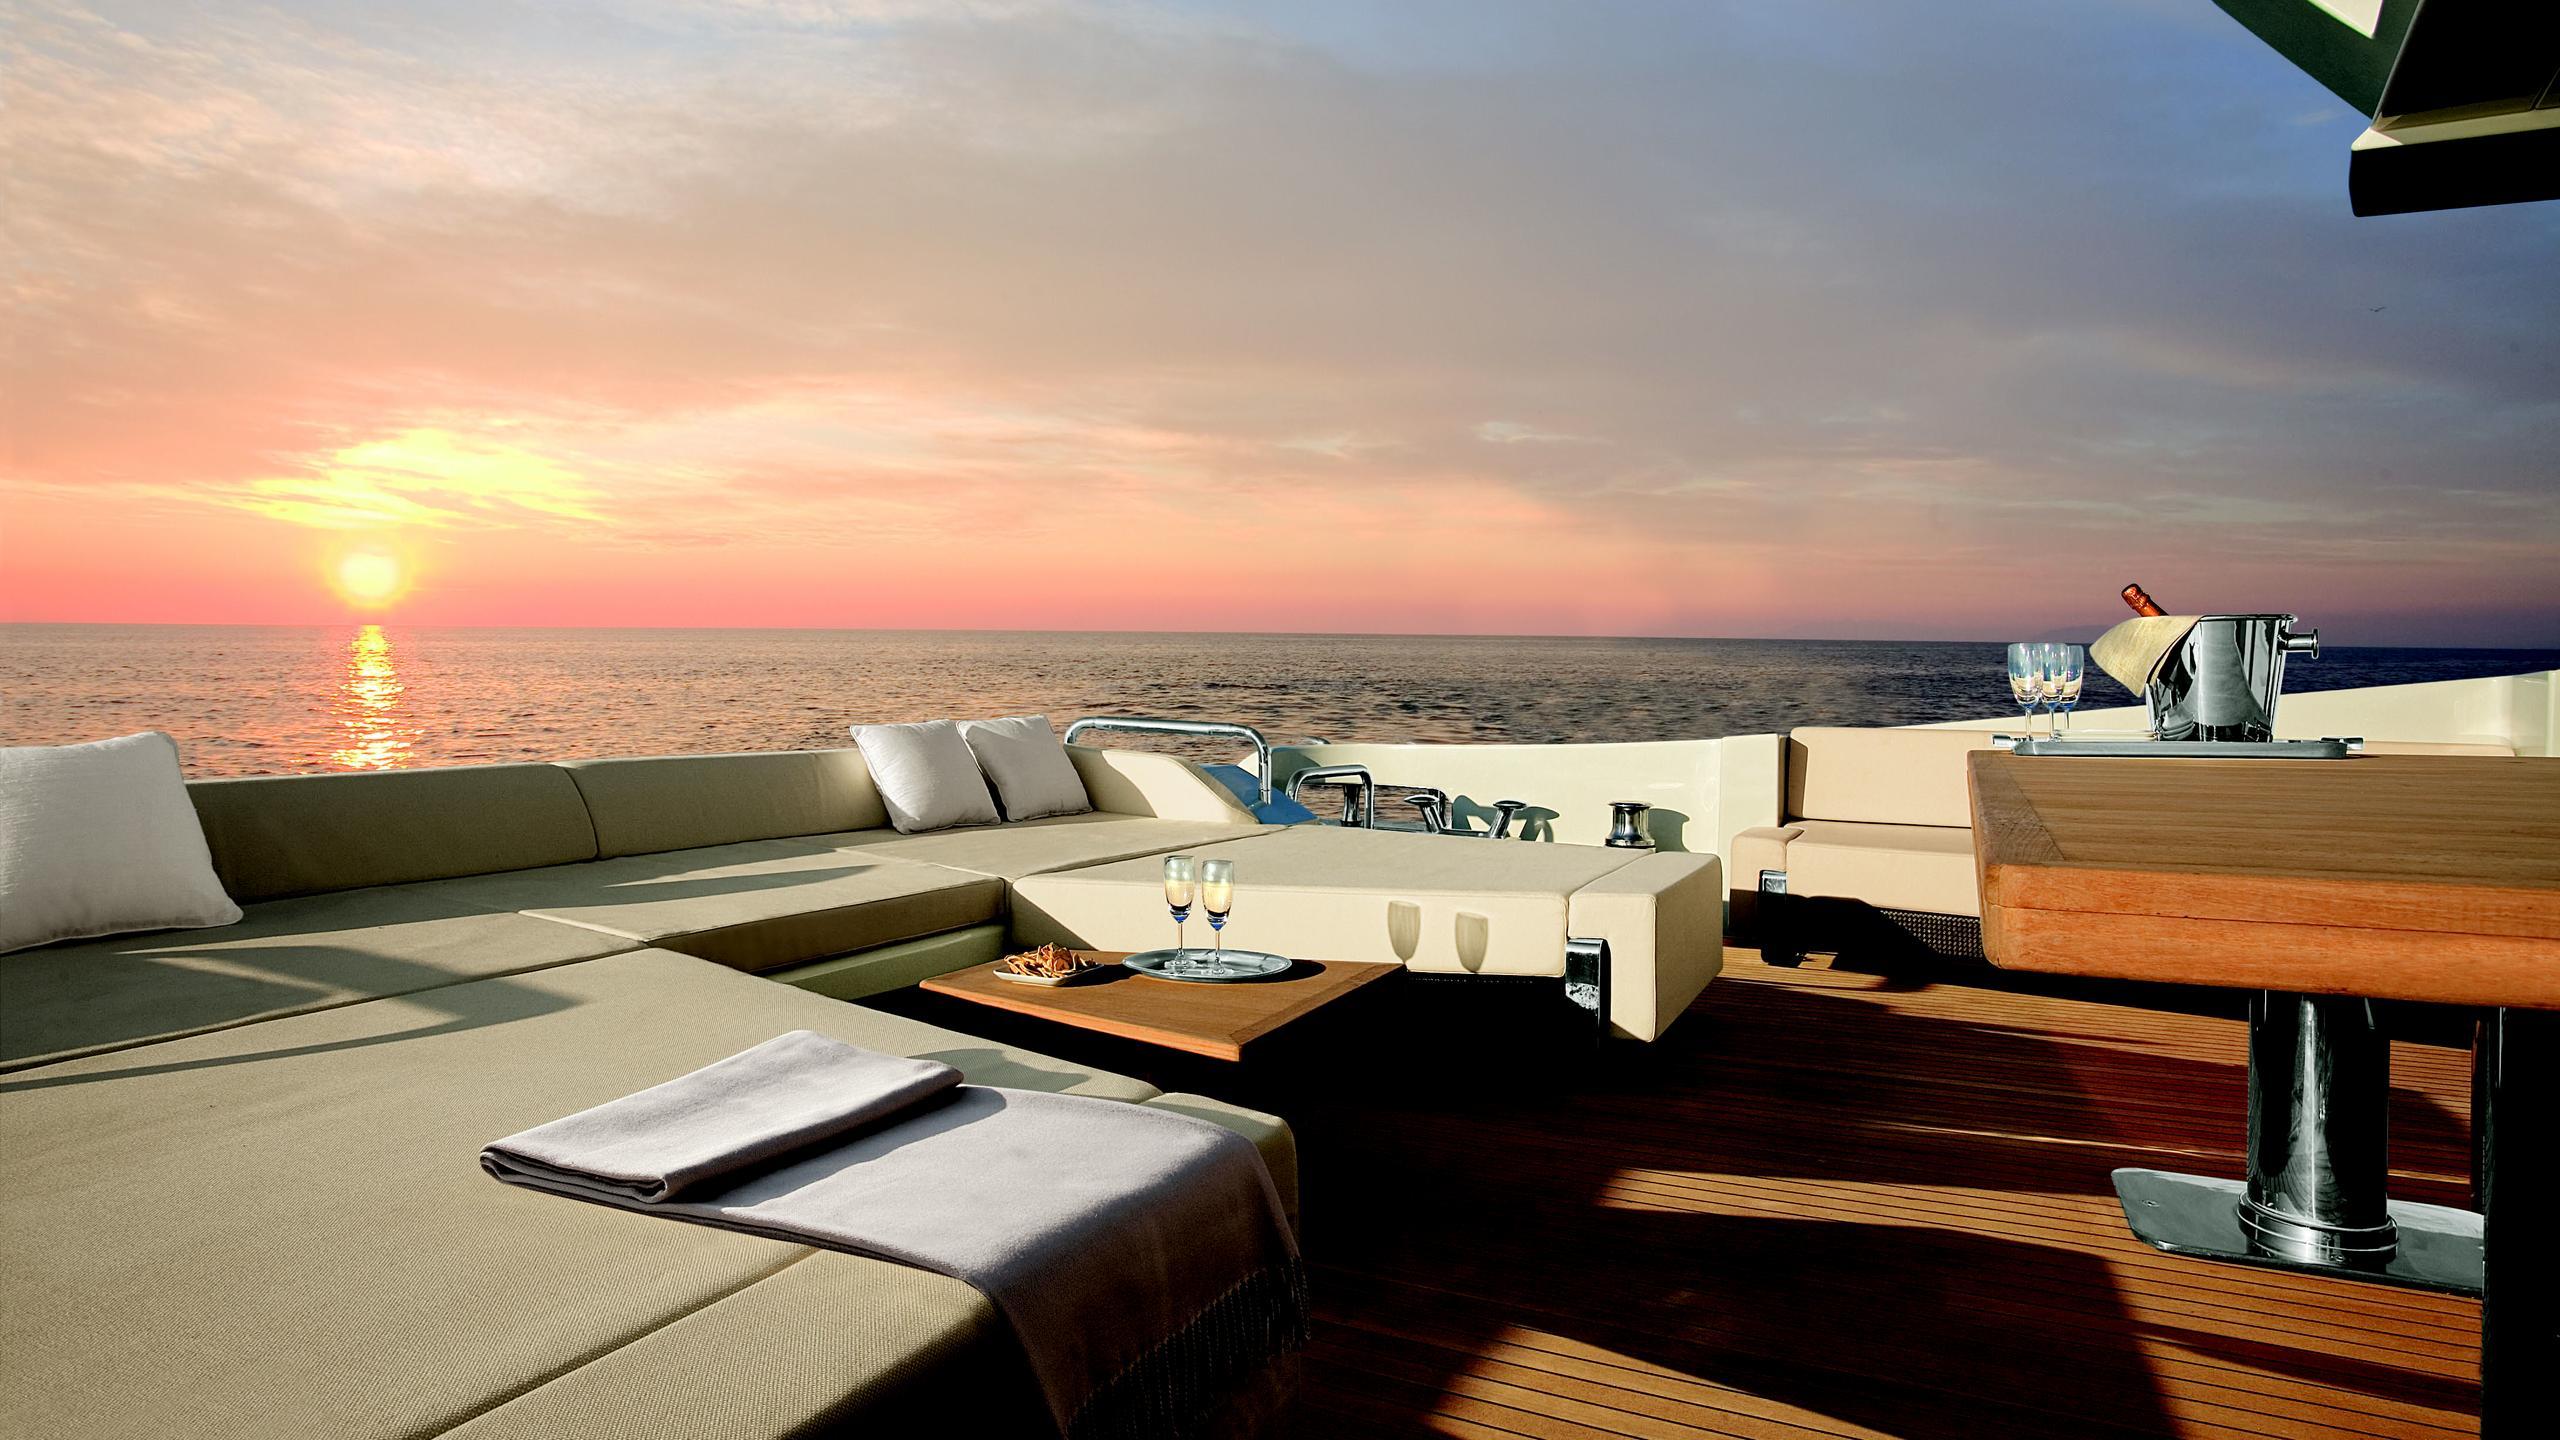 duke-yacht-sun-lounger